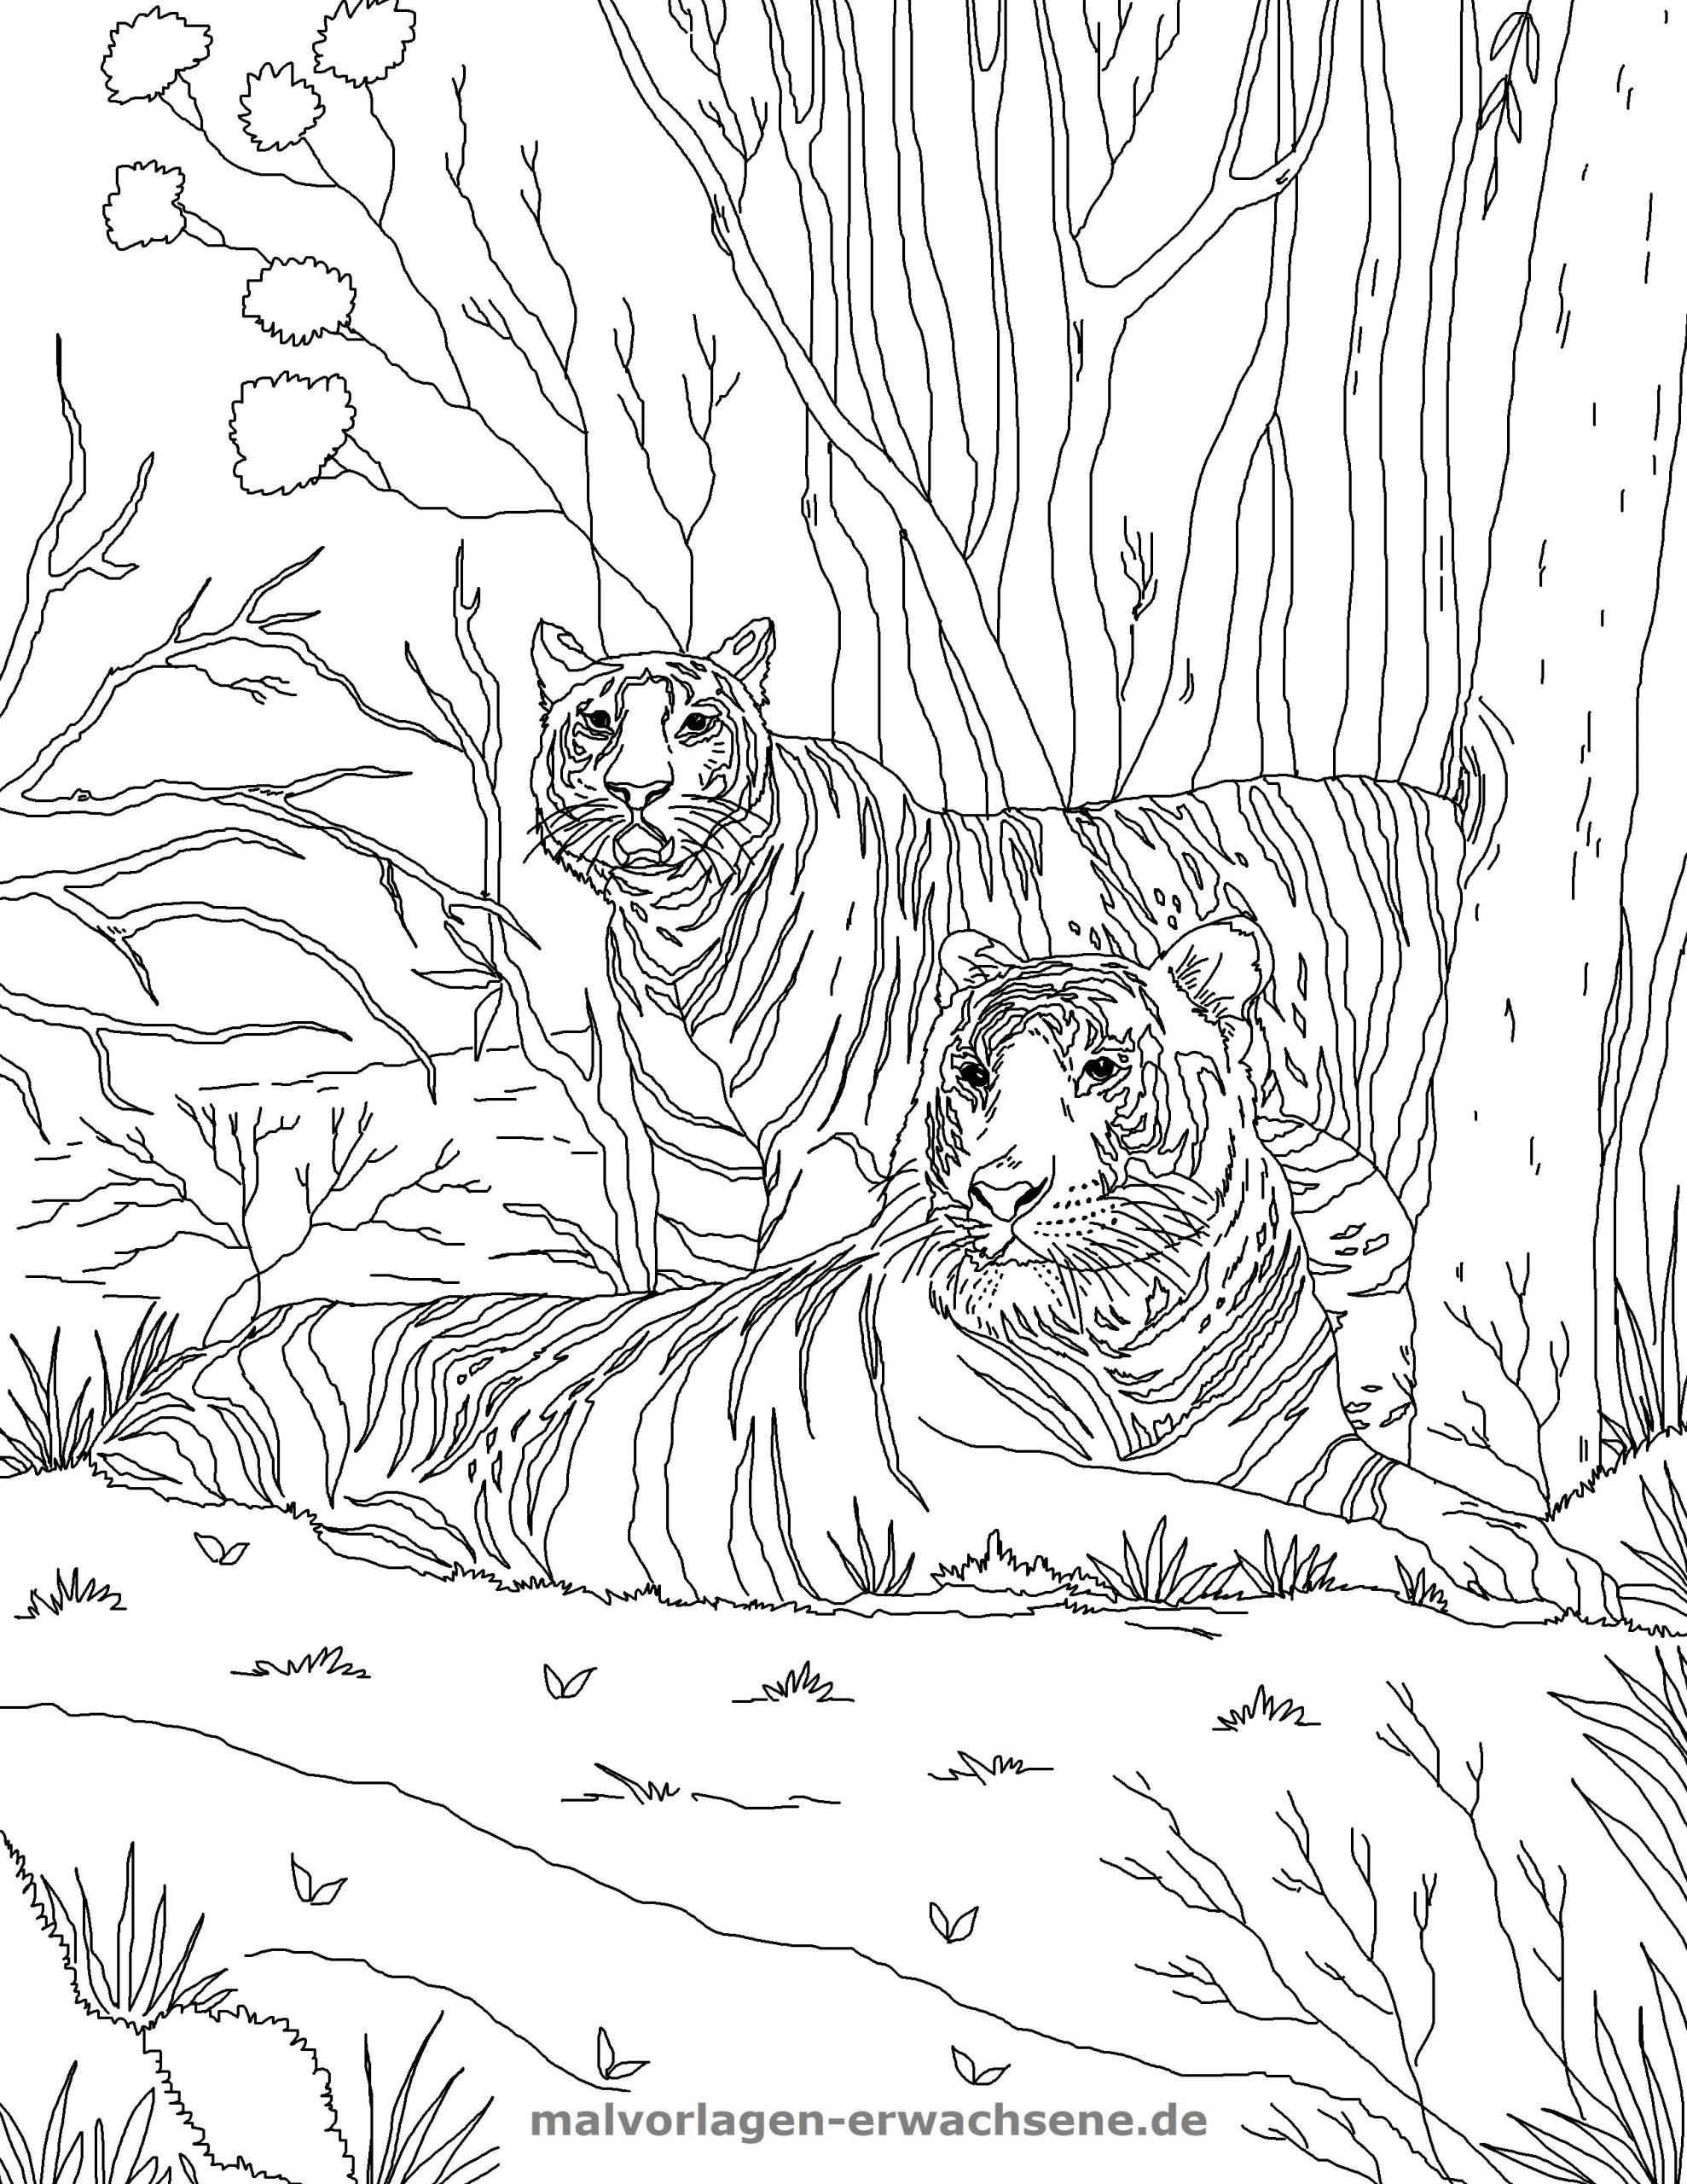 Malvorlage Tiger   Tiere - Ausmalbilder Kostenlos Herunterladen über Tiger Malvorlage